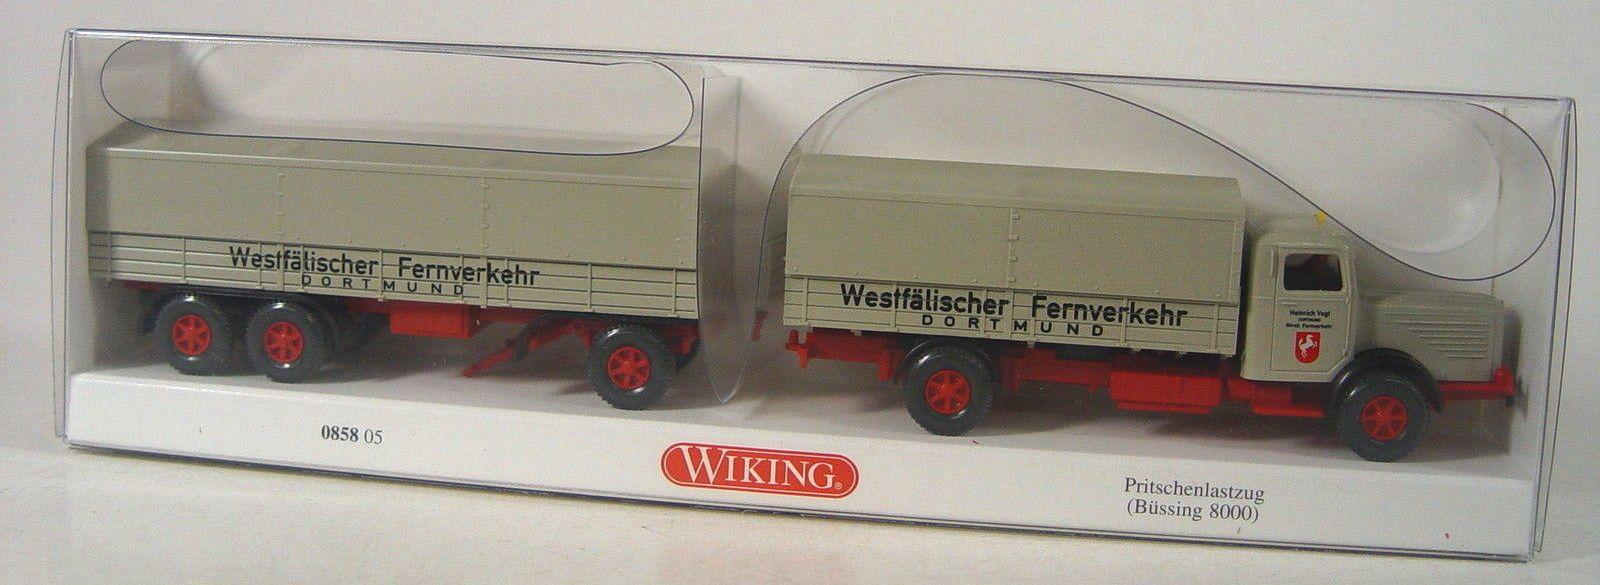 Wiking 085805-1//87 pritschenlastzug Büssing 800-nuevo